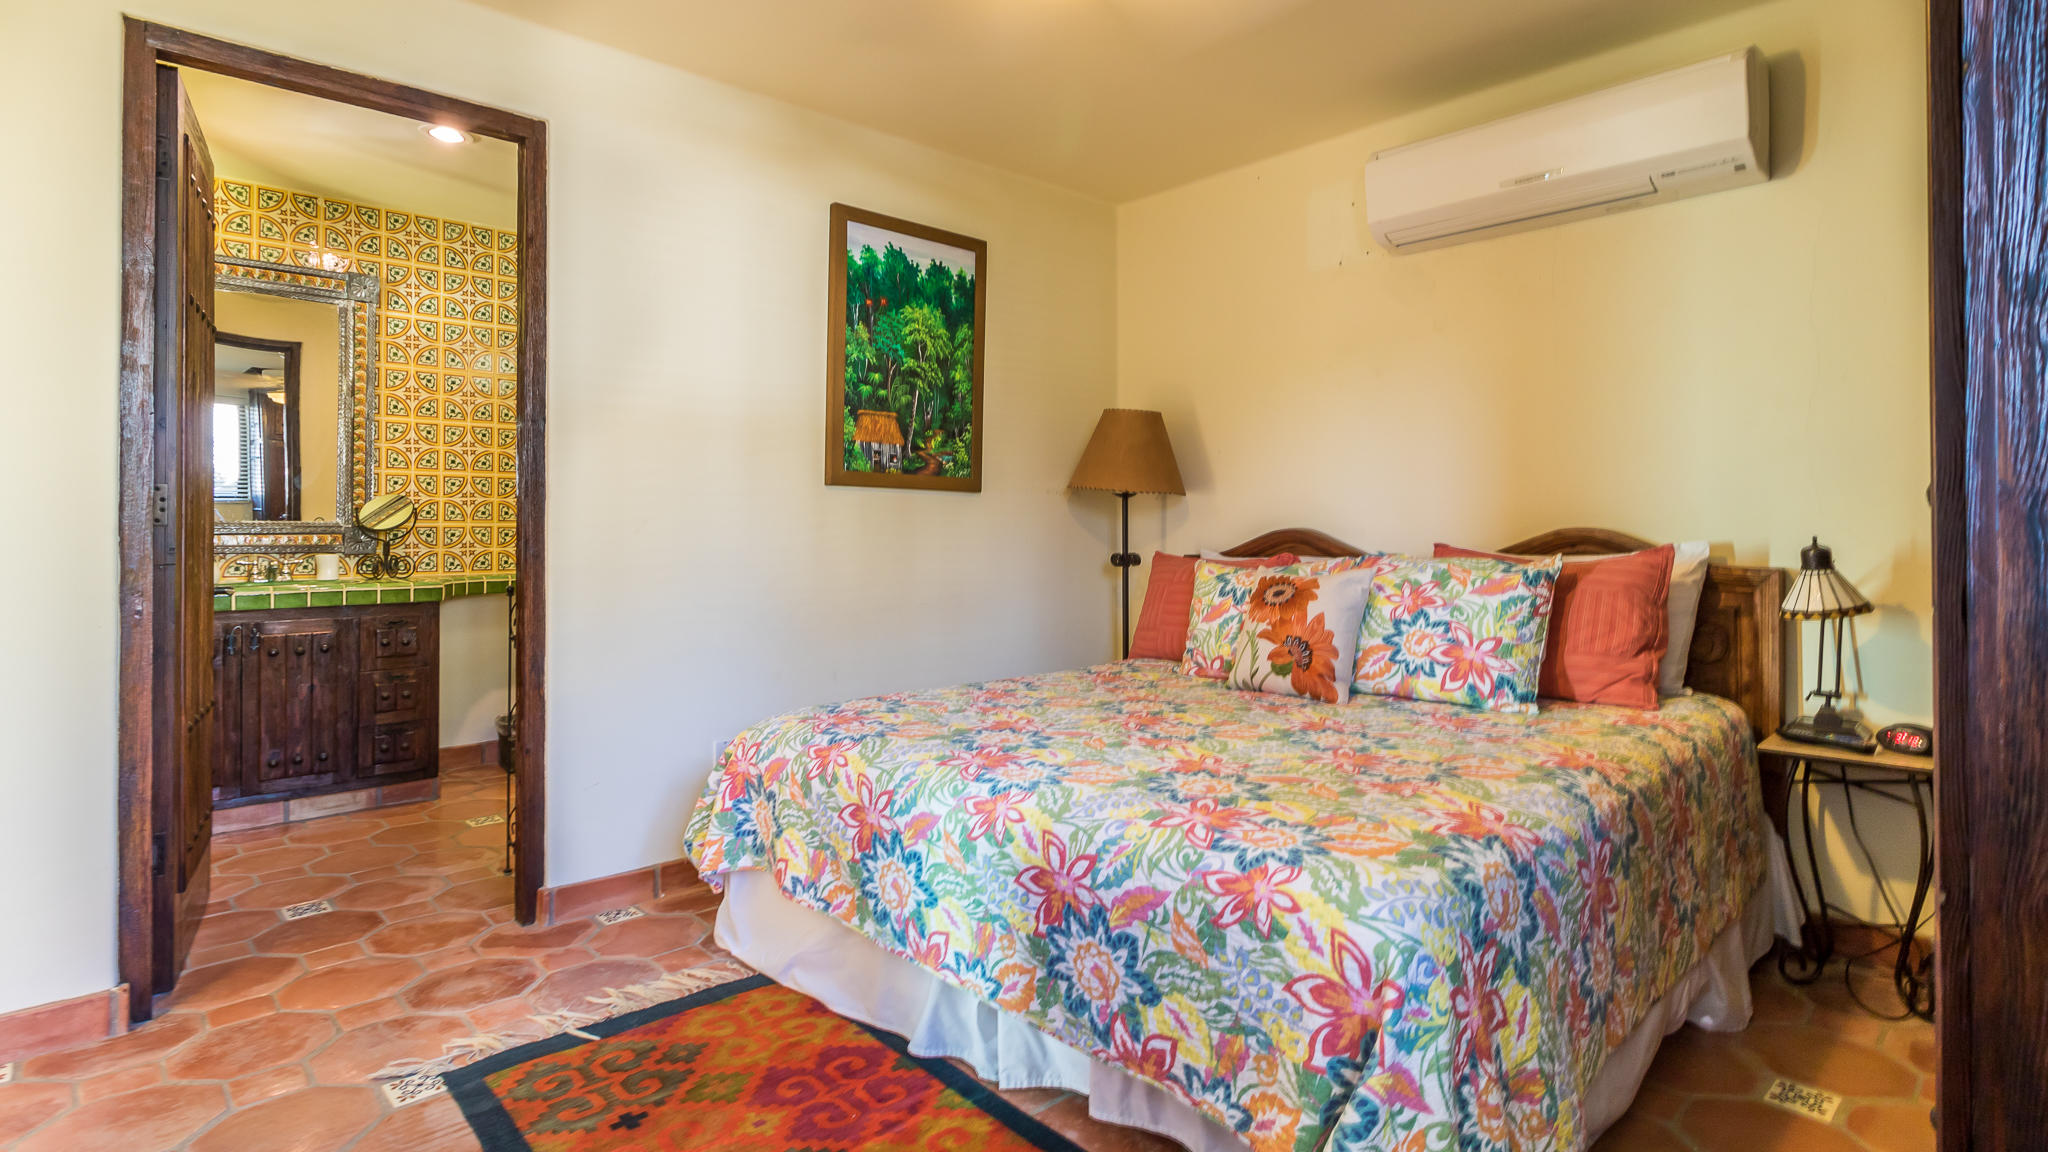 San Jose Corridor, 5 Bedrooms Bedrooms, ,5 BathroomsBathrooms,House,For Sale,Calle Vista Hermosa,19-323